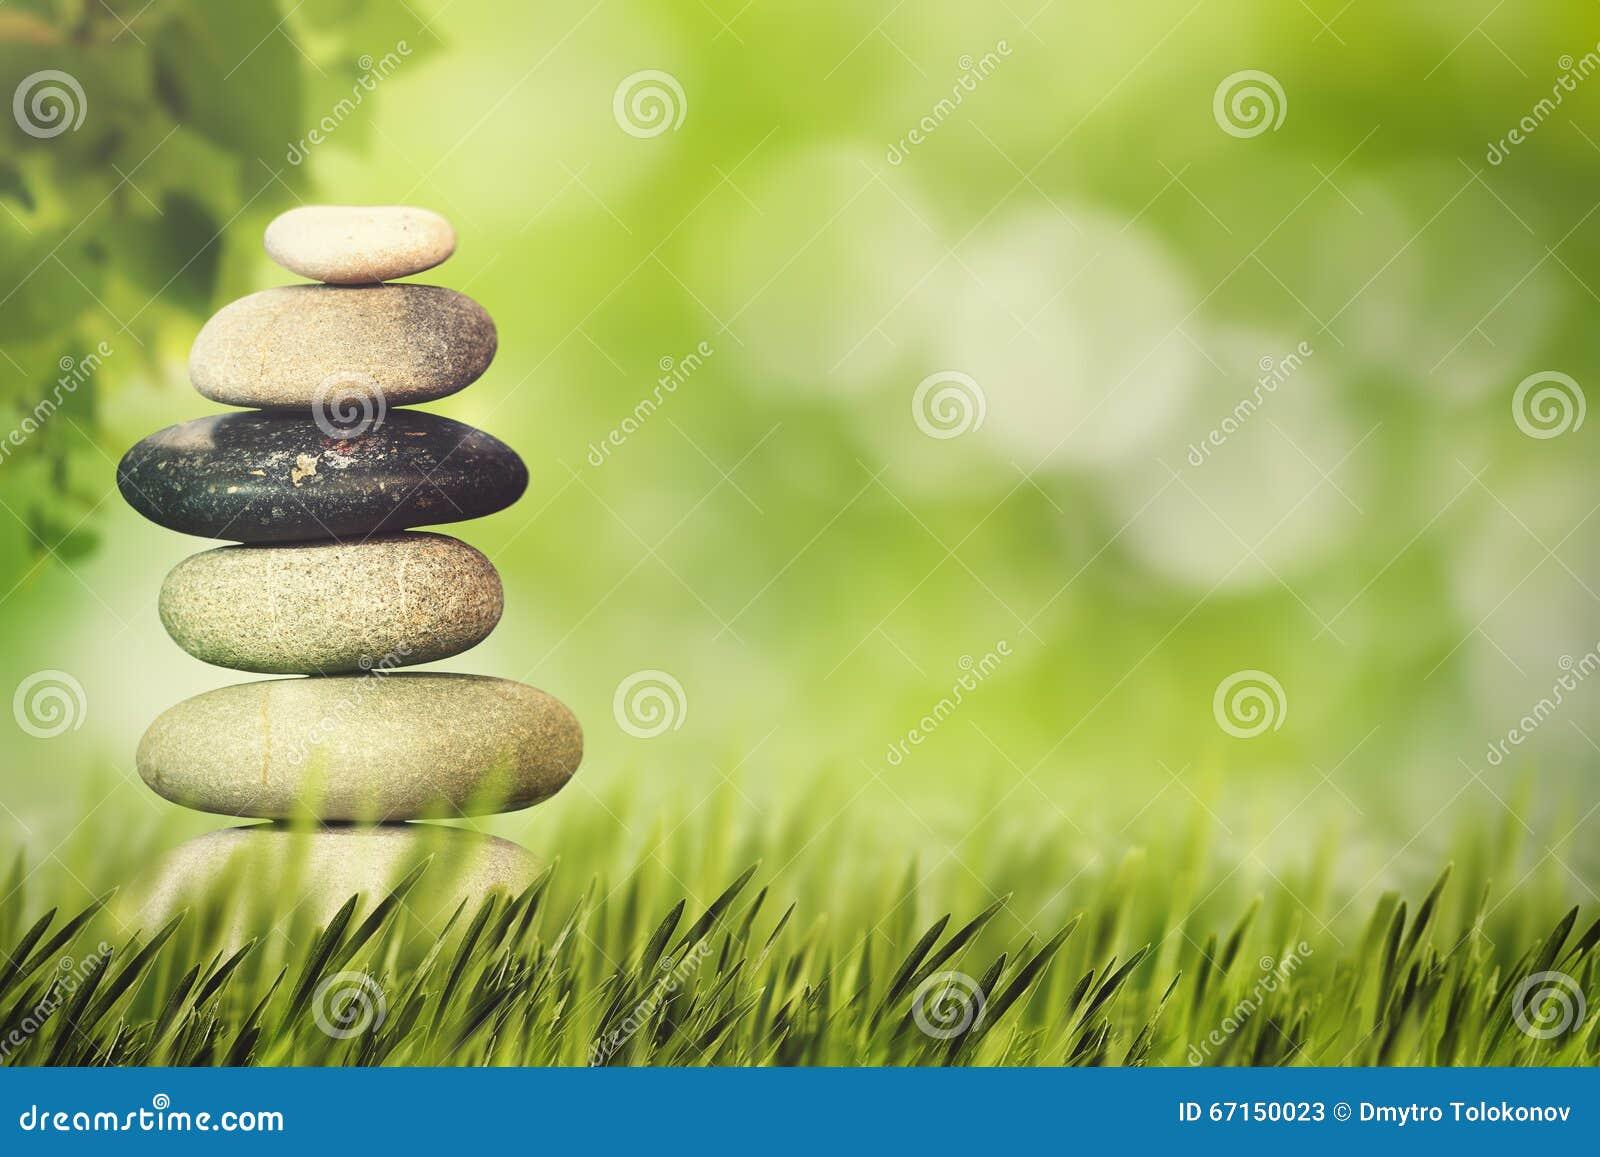 Benessere Salute E Concetto Naturale Di Armonia Immagine Stock Immagine Di Erba Aperto 67150023